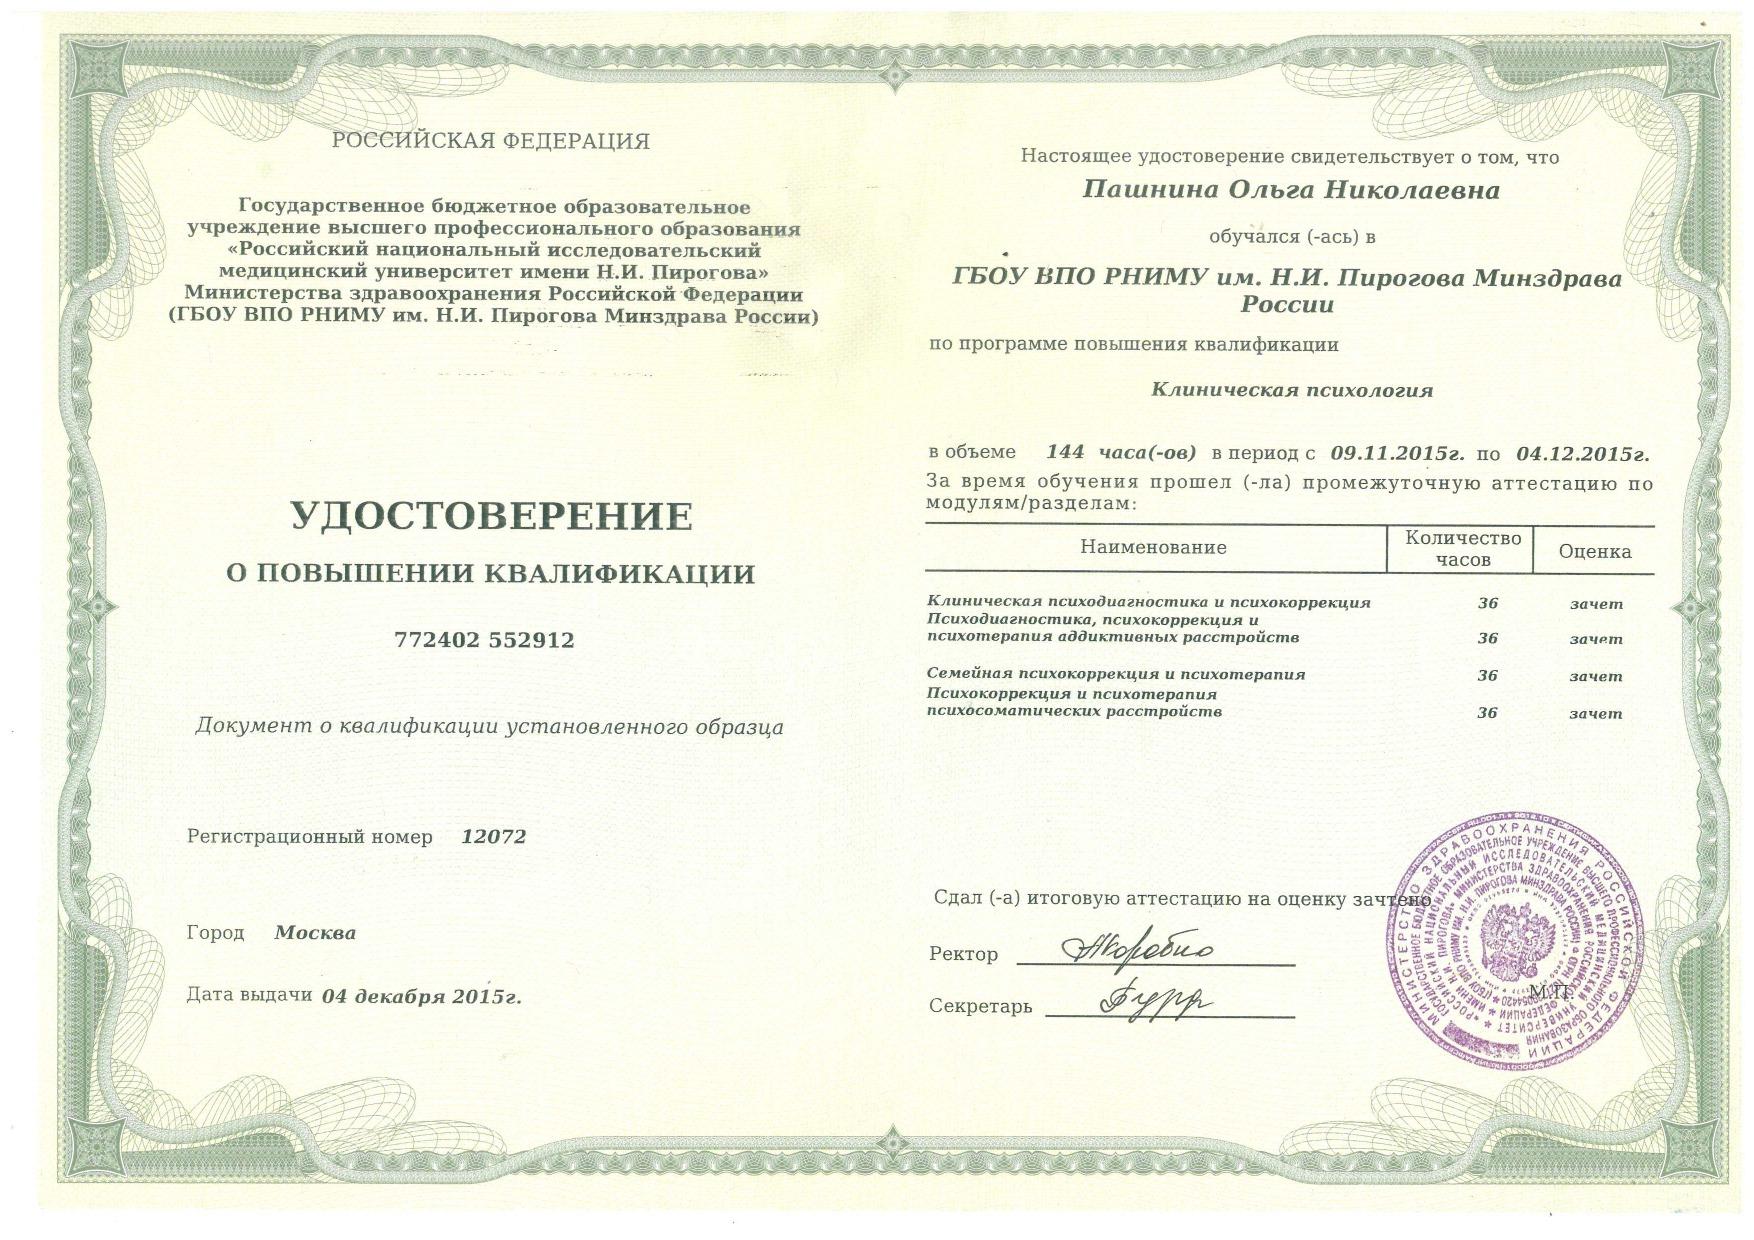 2015 Удостоверение о повышении квалификации